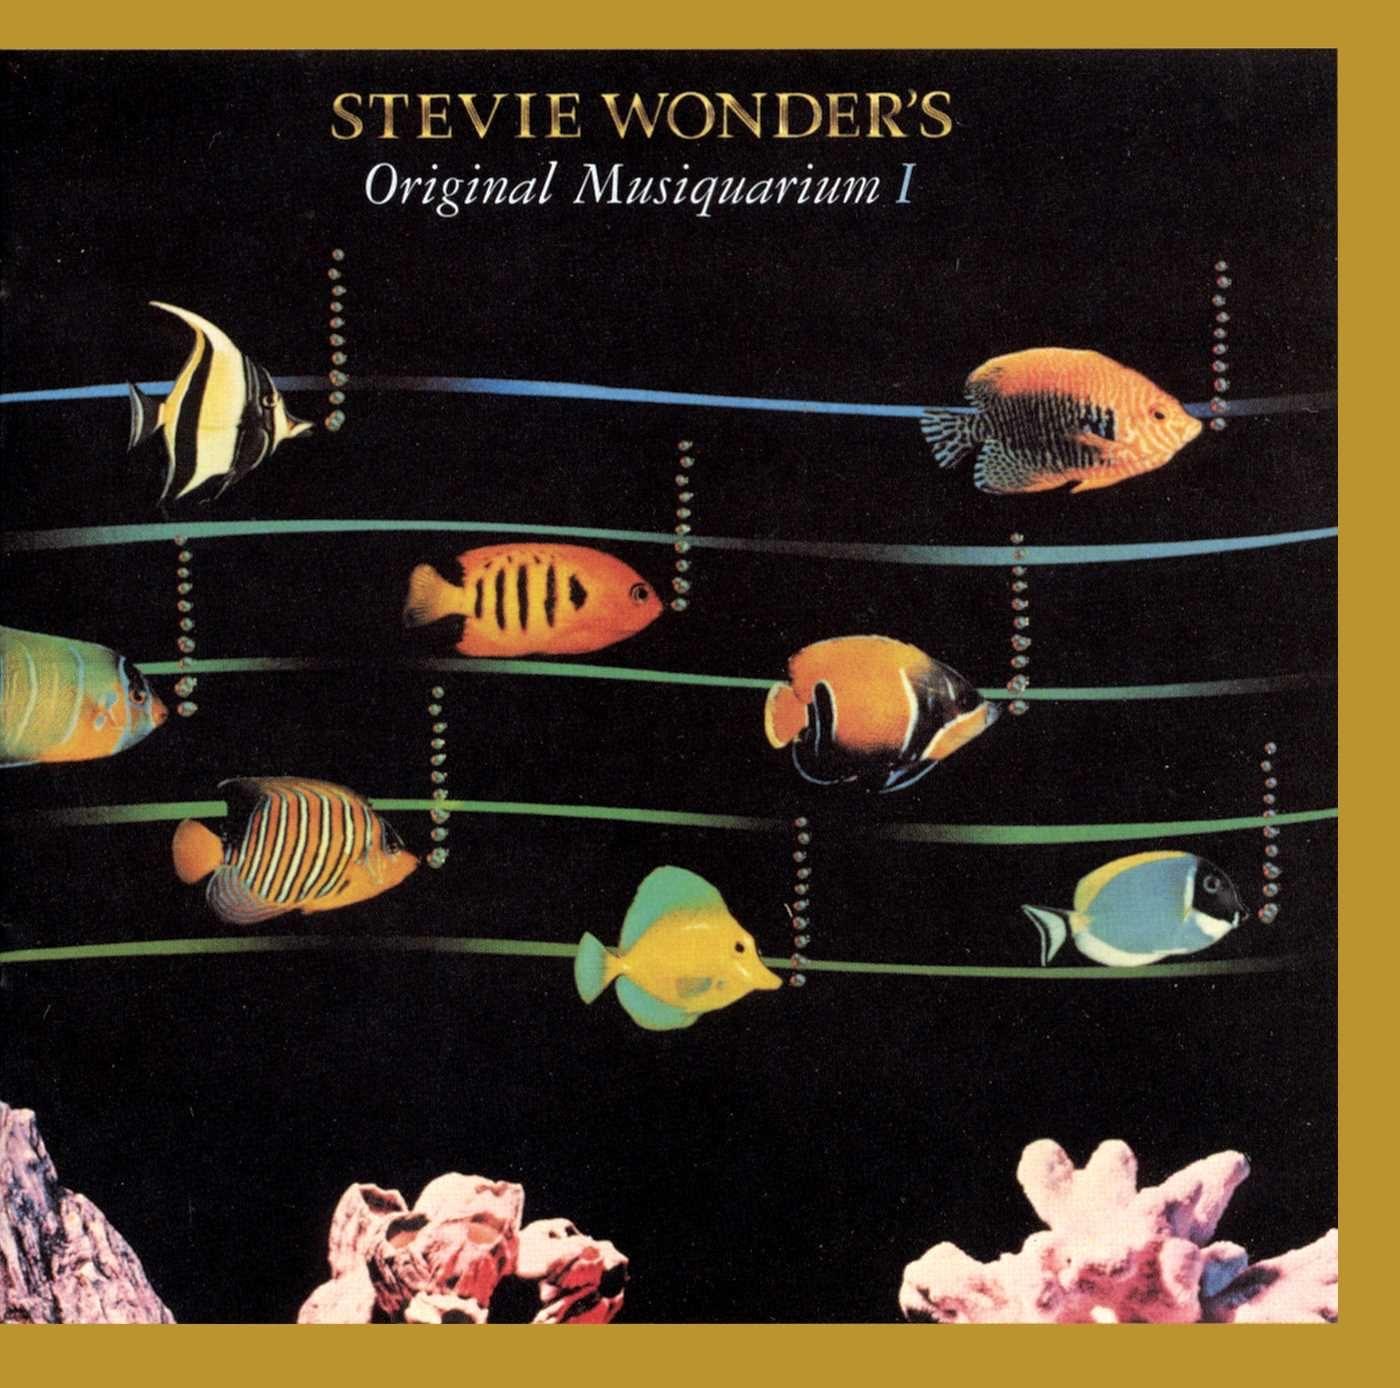 Stevie-Wonder-Musiquarium-1623372057